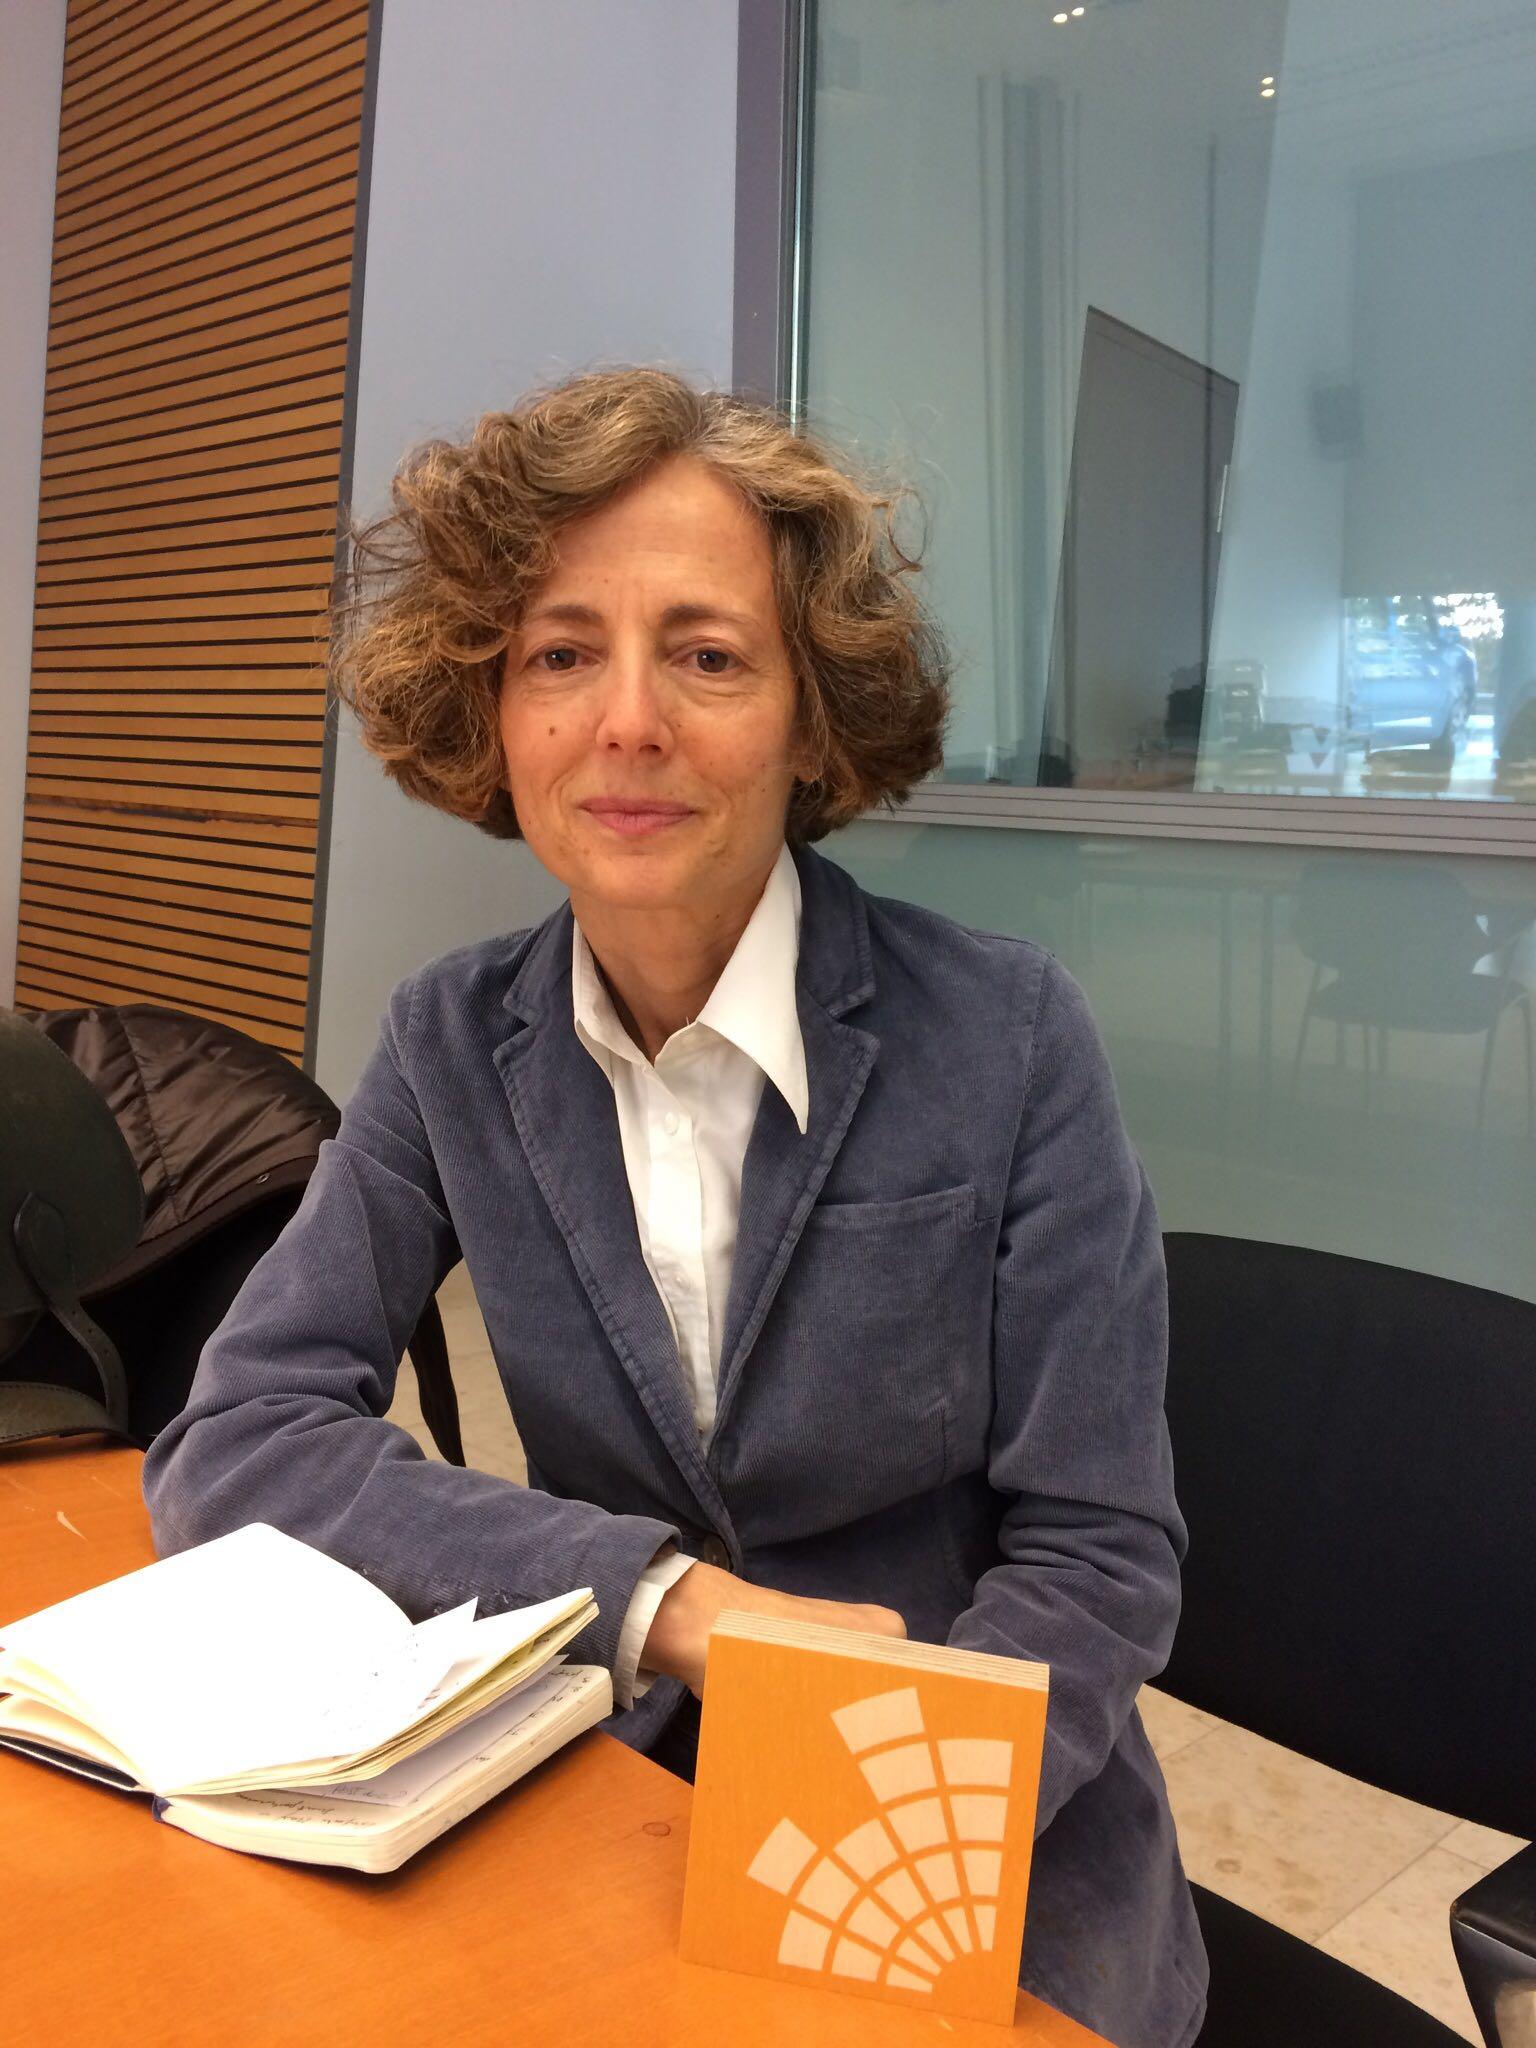 Gesprächspartnerin European Urbanism